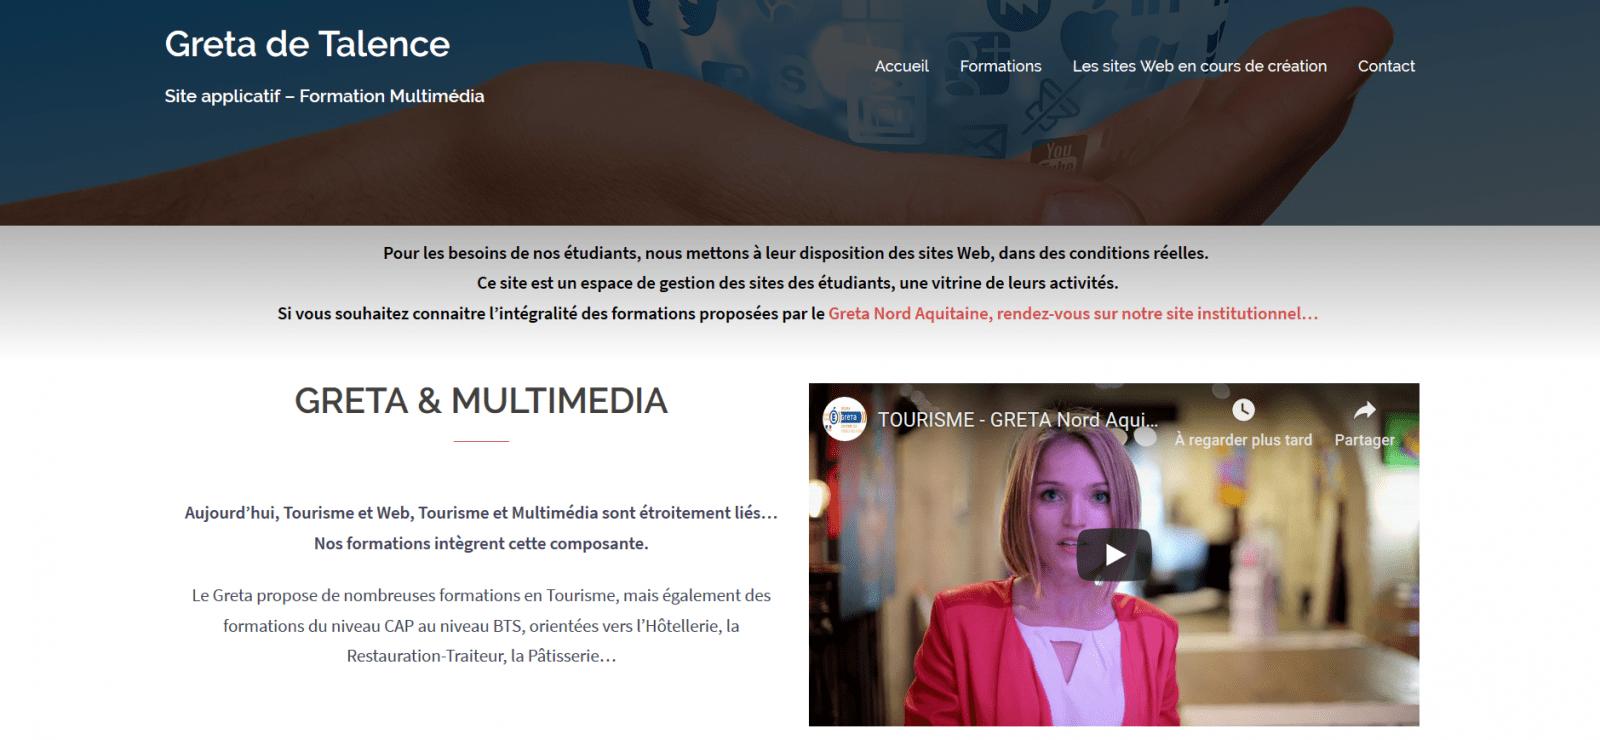 Sites applicatifs des étudiants en Multimédia 1